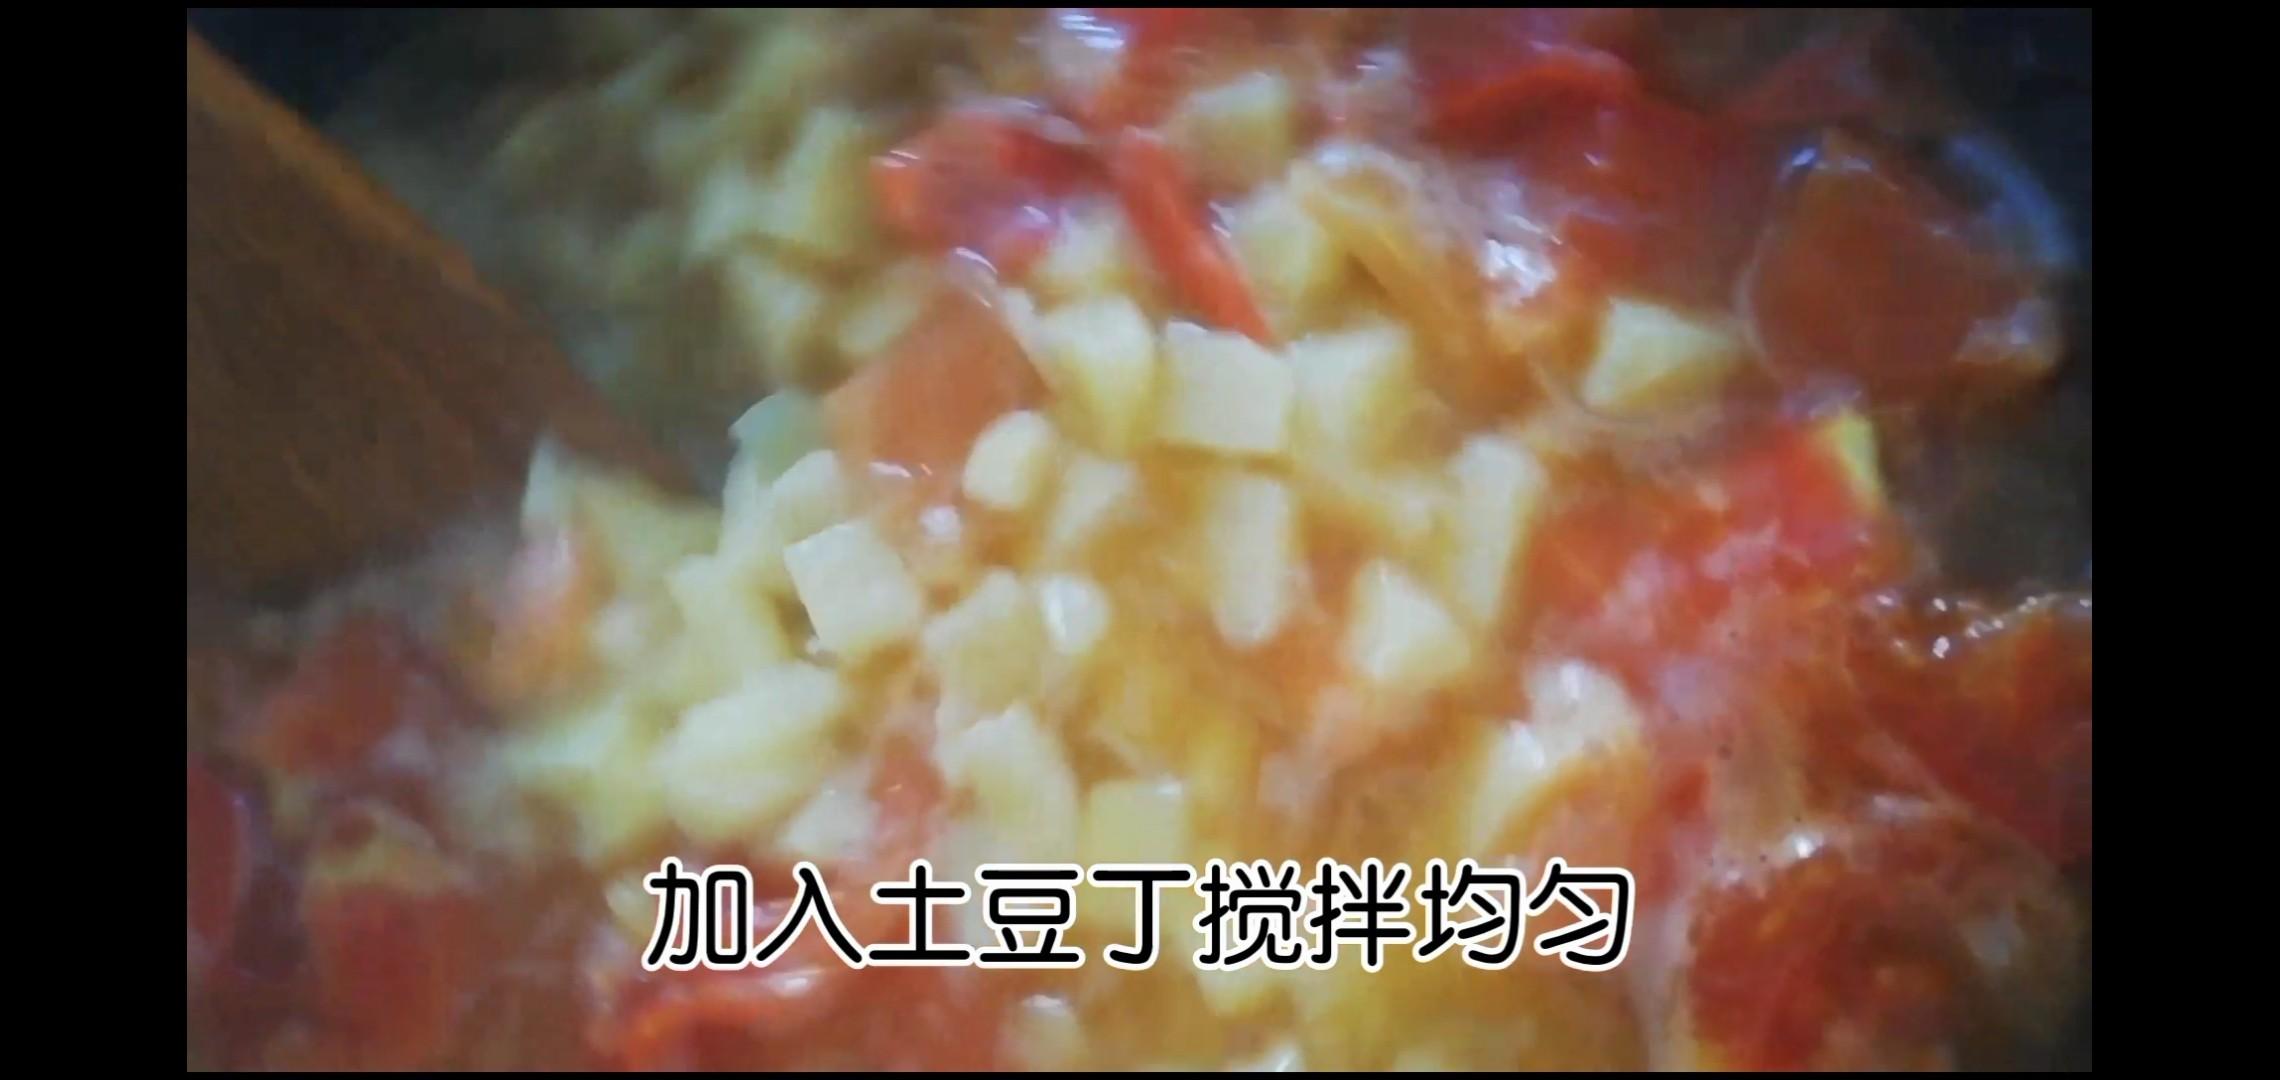 番茄土豆酱蛋面怎么炒